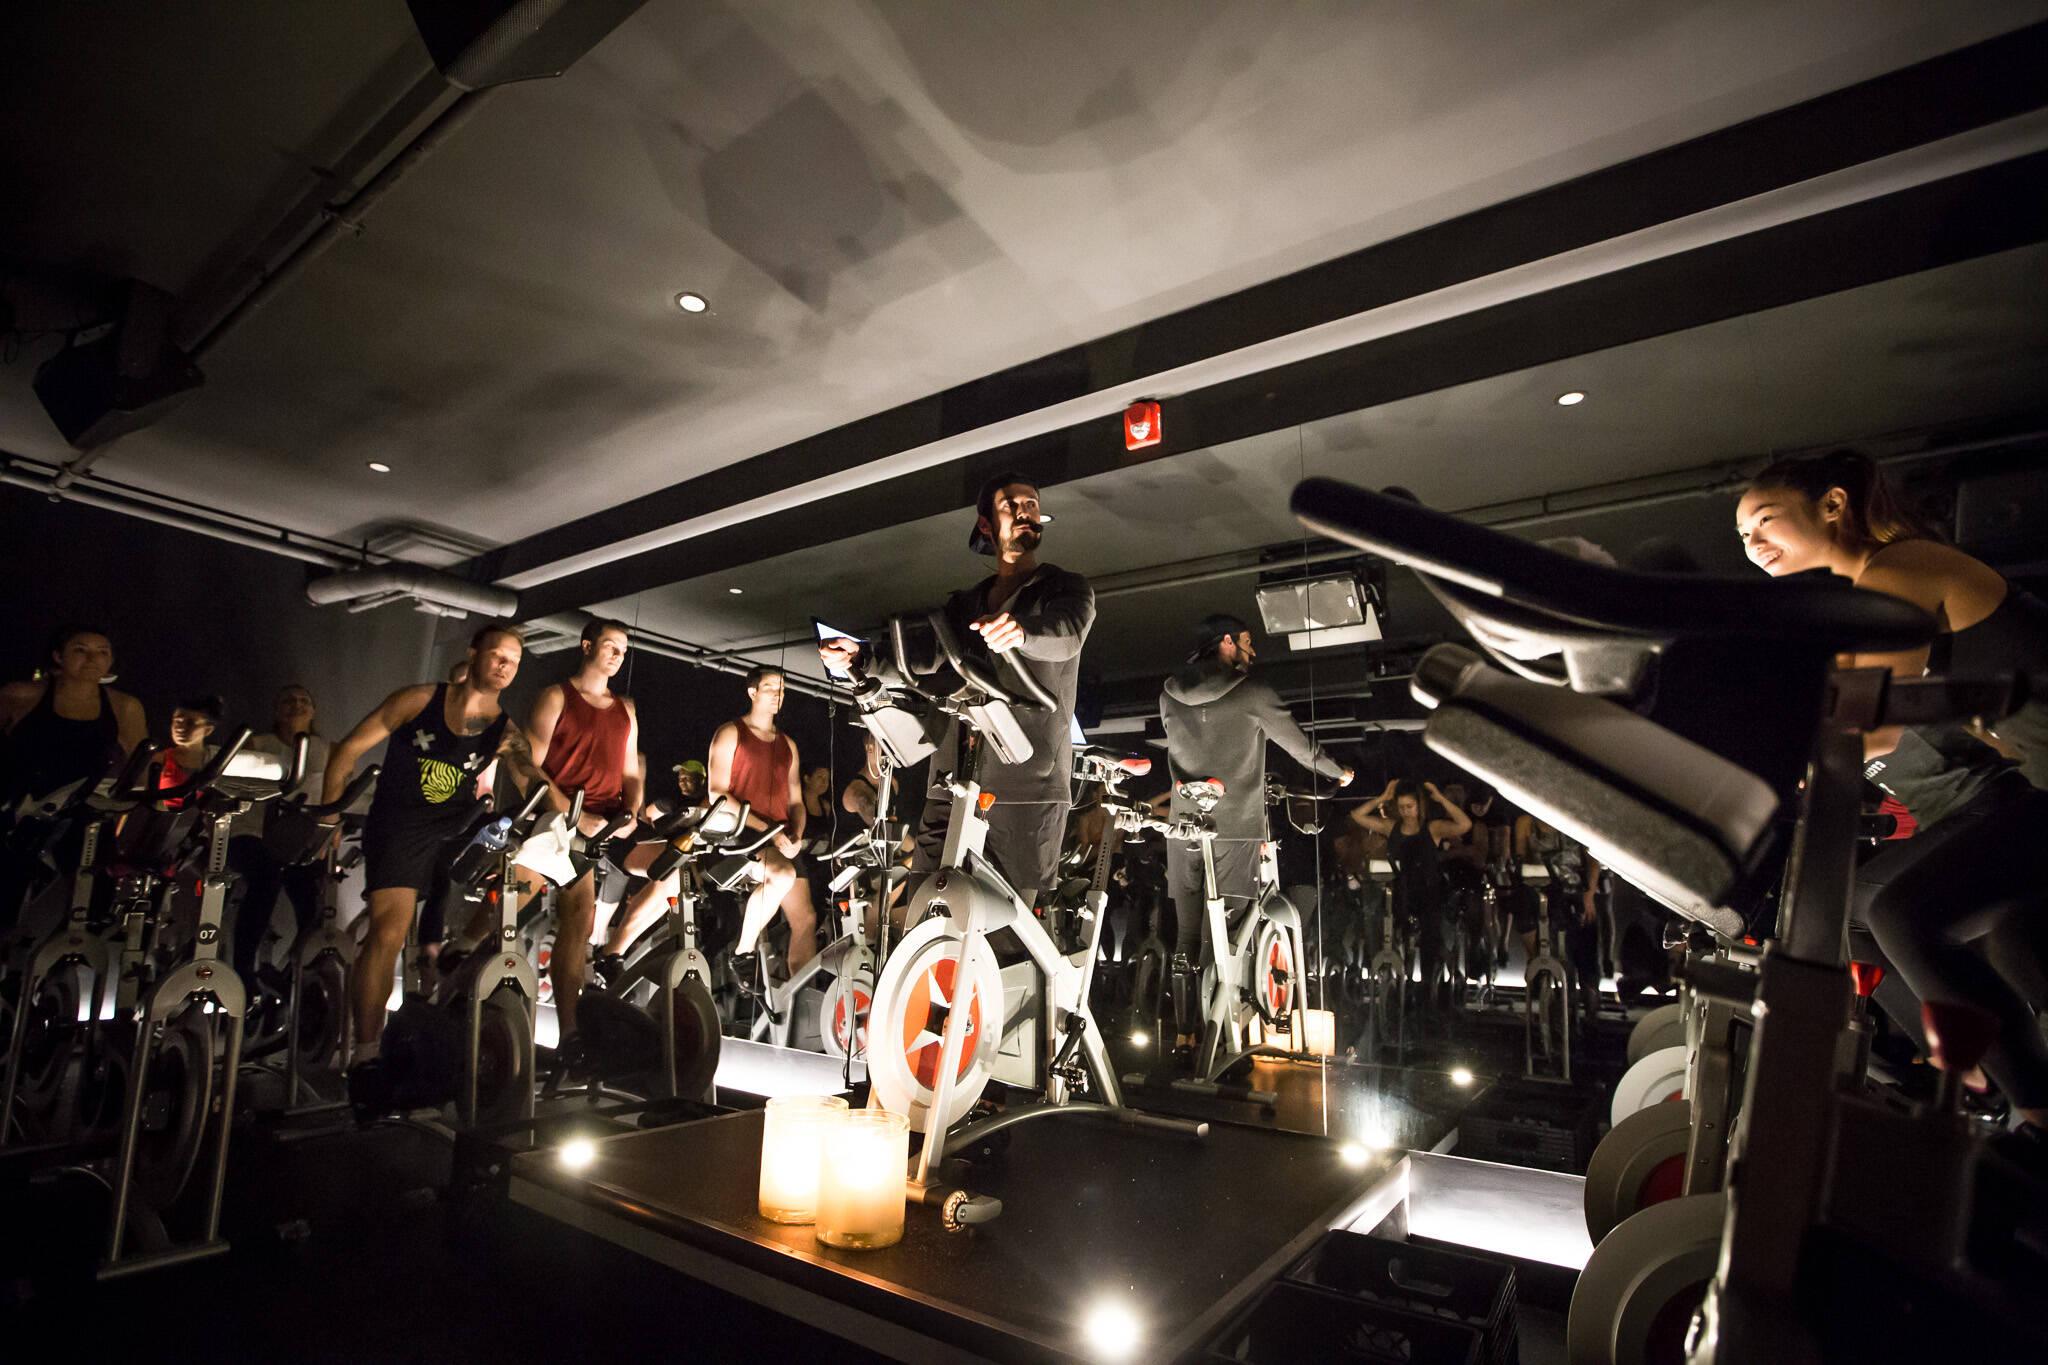 Ride Cycle Club Toronto